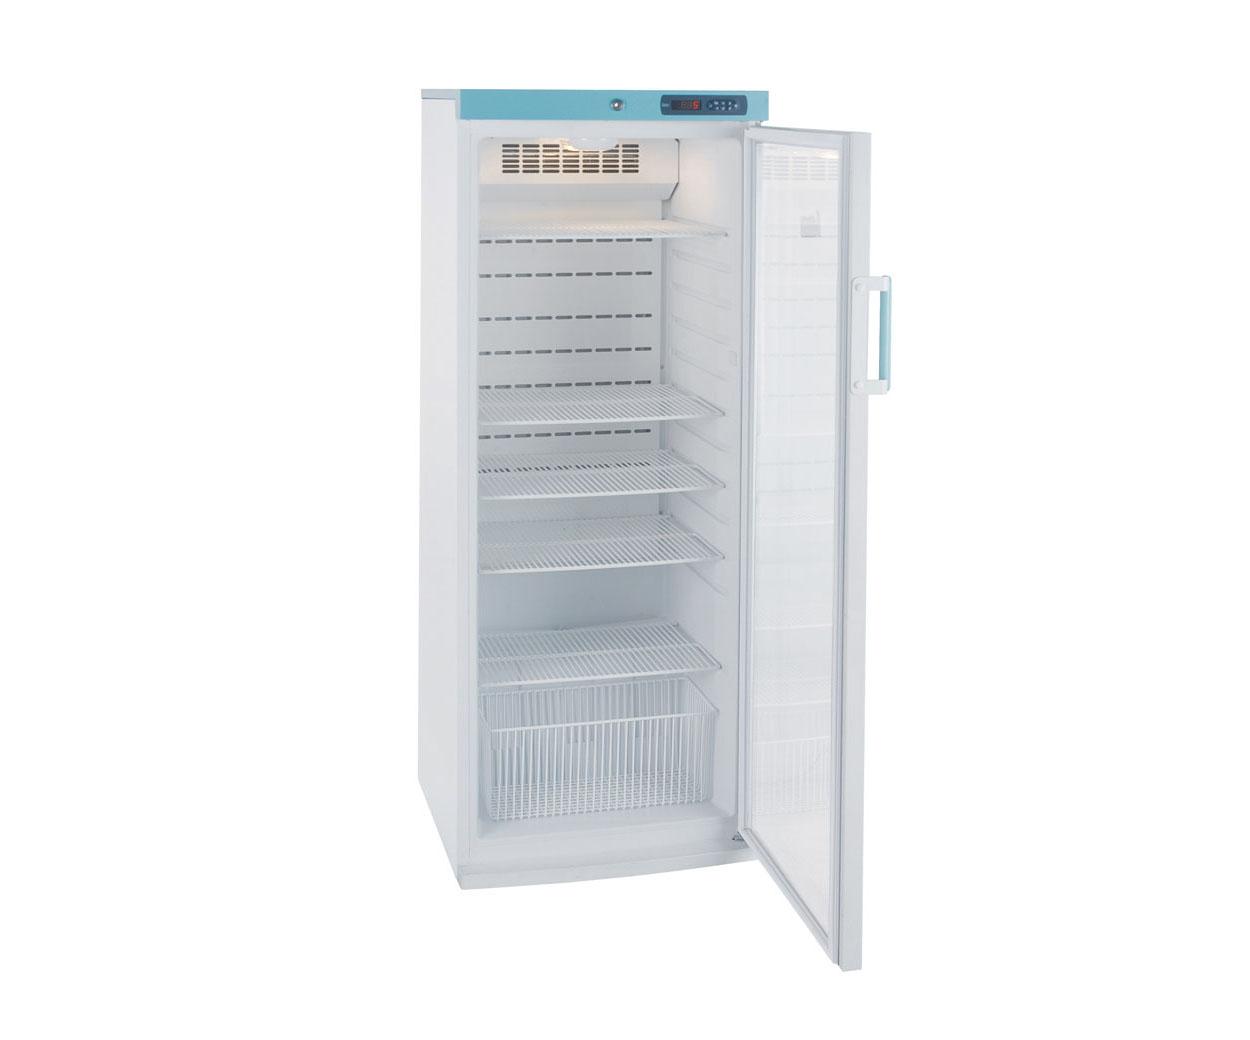 Lec 273 litre PGR273UK Freestanding Pharmacy Fridge with Glass Door